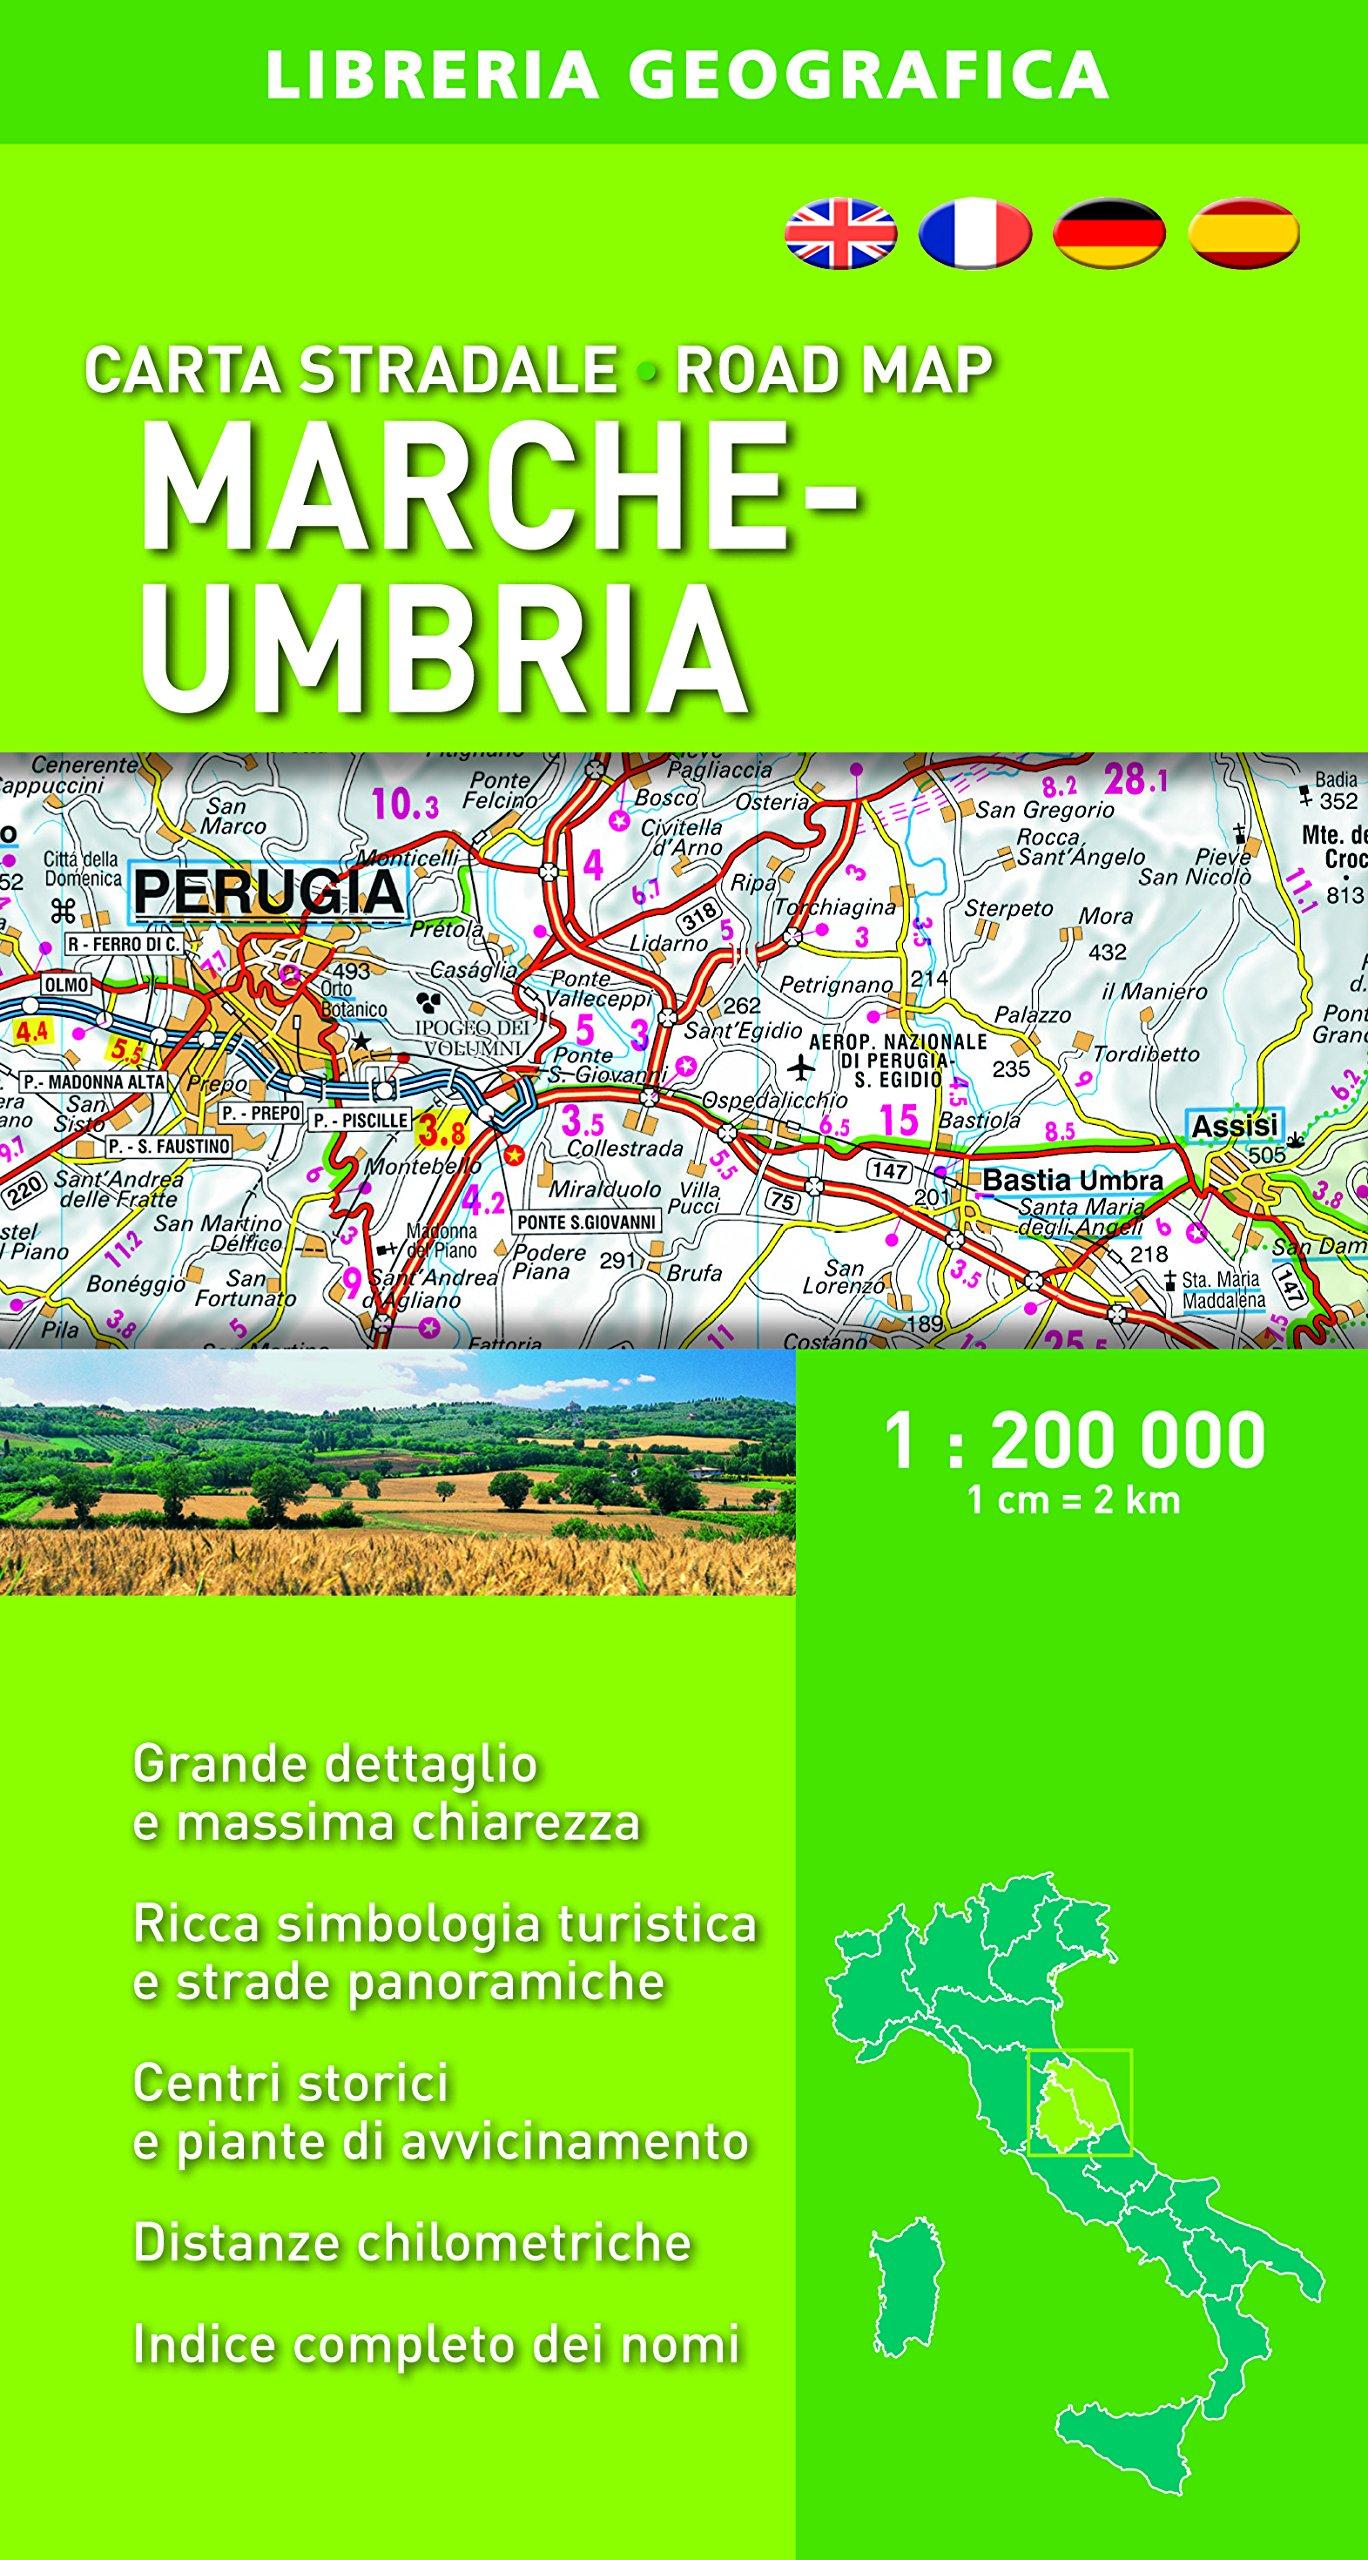 Cartina Stradale Marche Umbria.Carta Stradale Marche E Umbria 1 200 000 Ion 1 0 Libri Amazon It